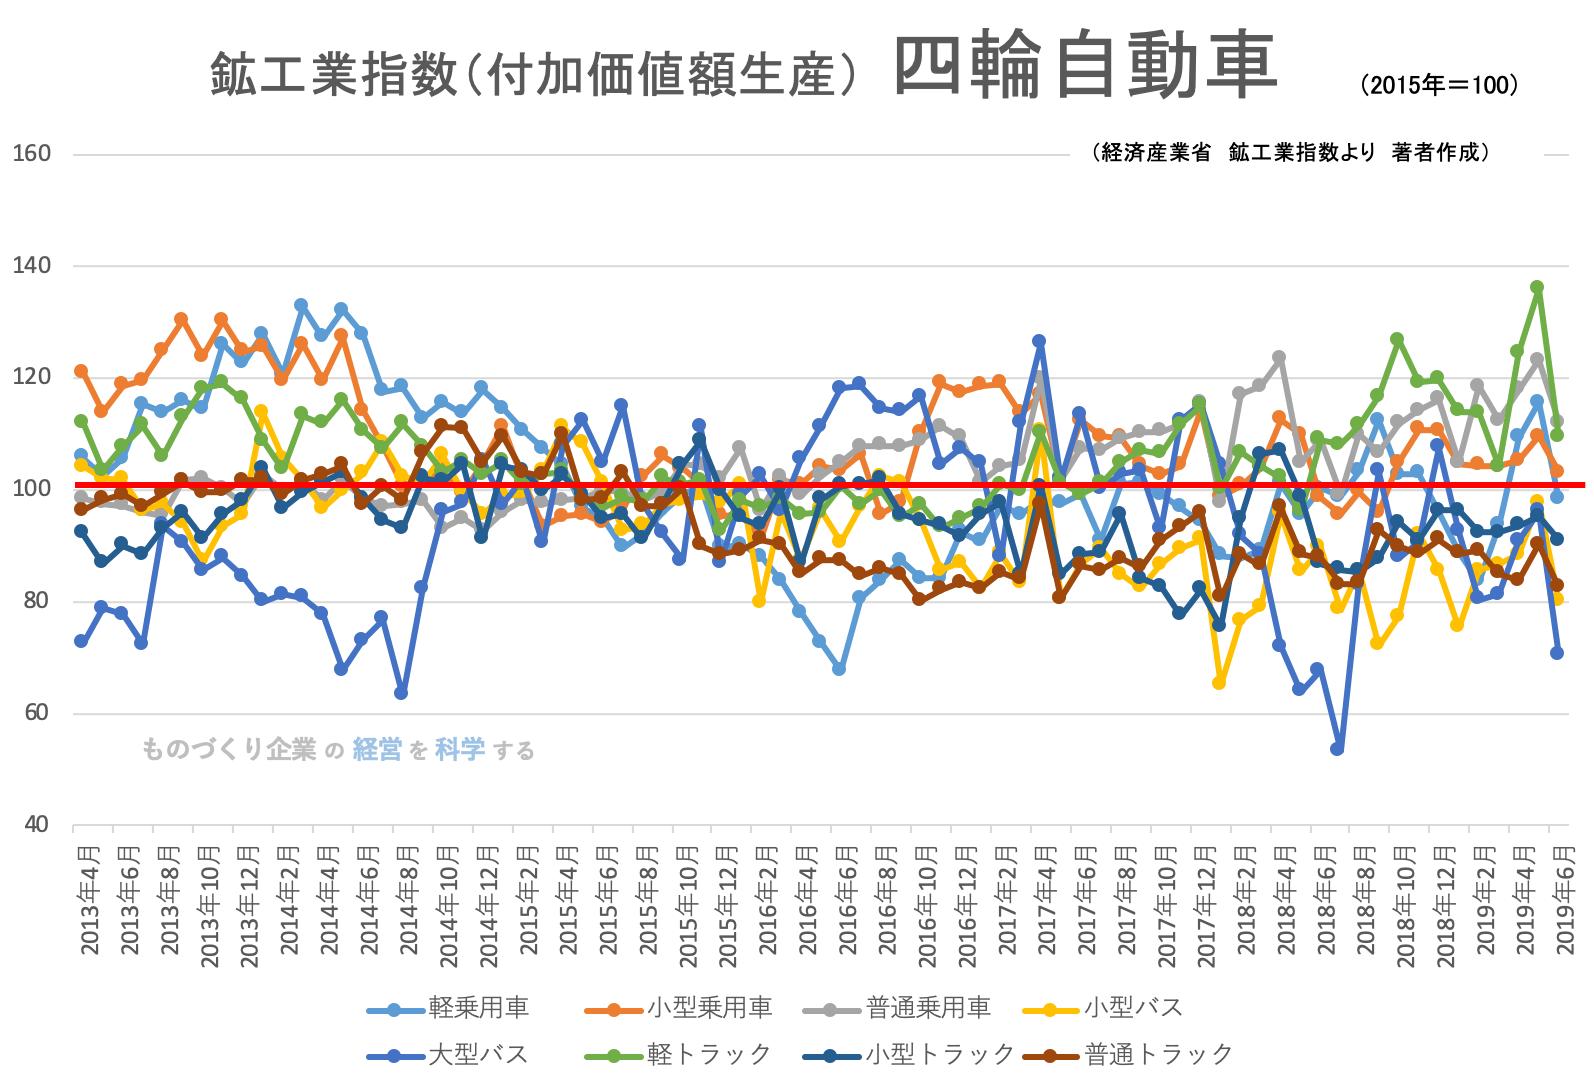 00(下旬)★鉱工業指数(品目別)四輪自動車201906